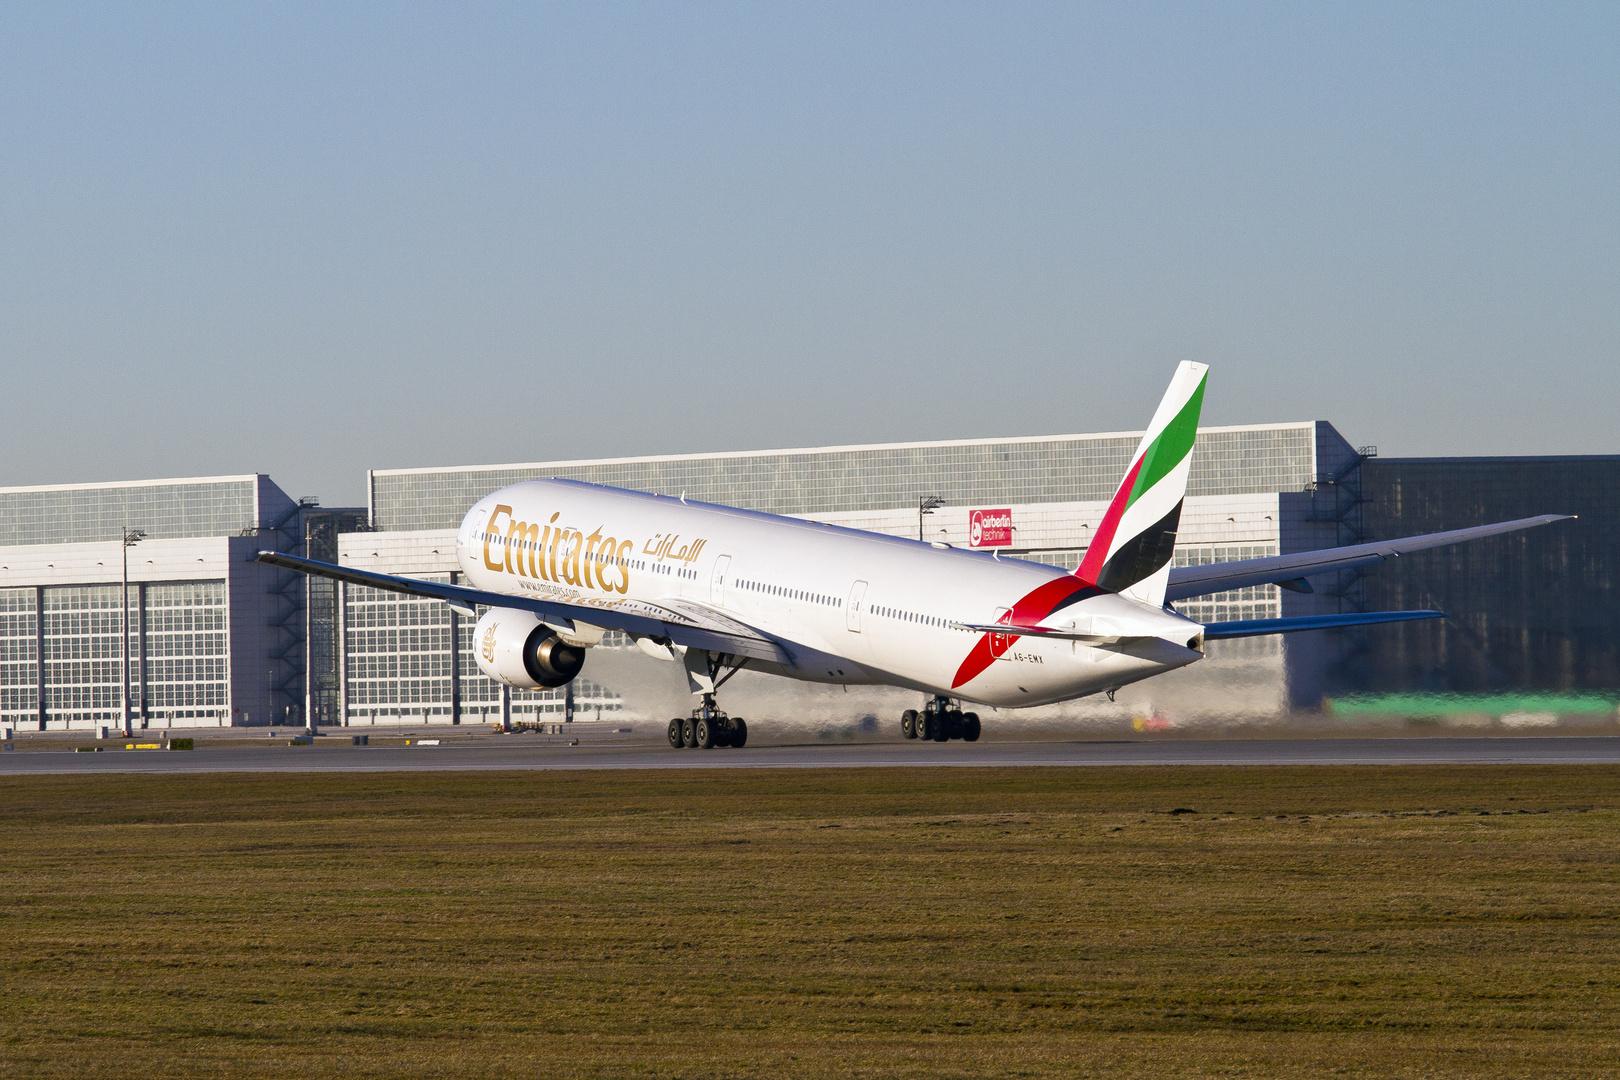 Emirates 777-300